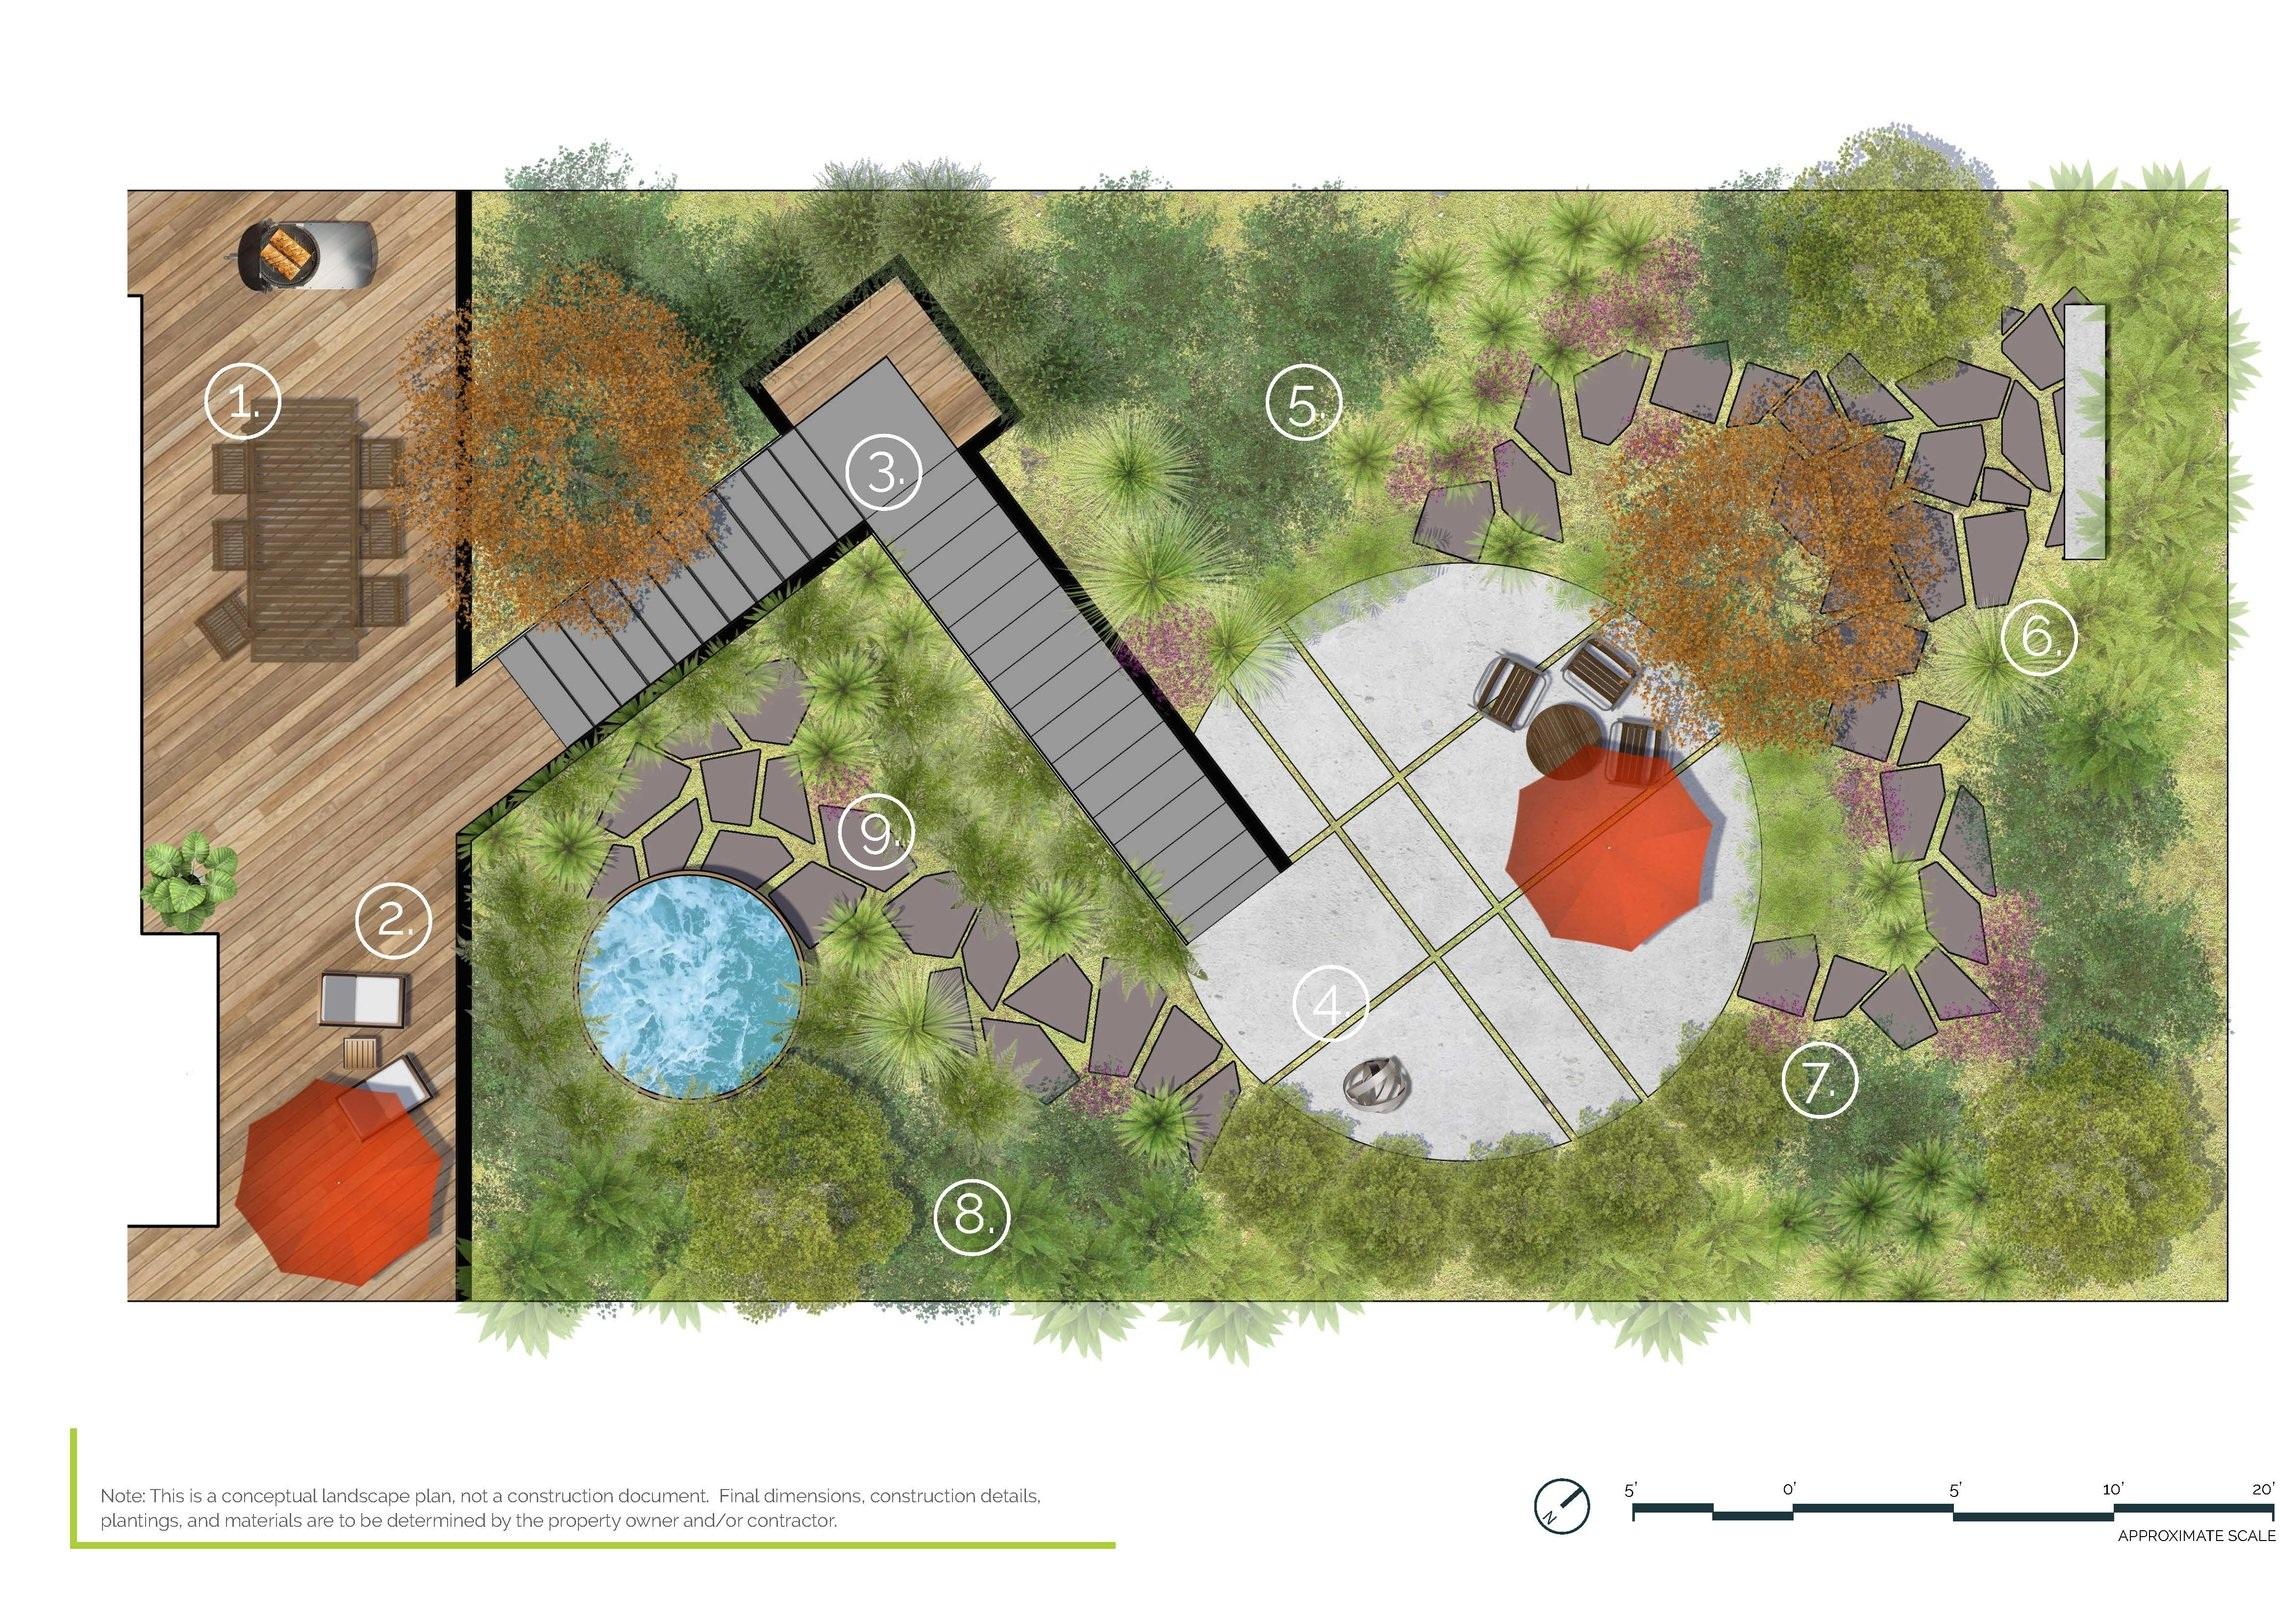 Hillside Garden - Half Property PlanSalt Lake City, UT